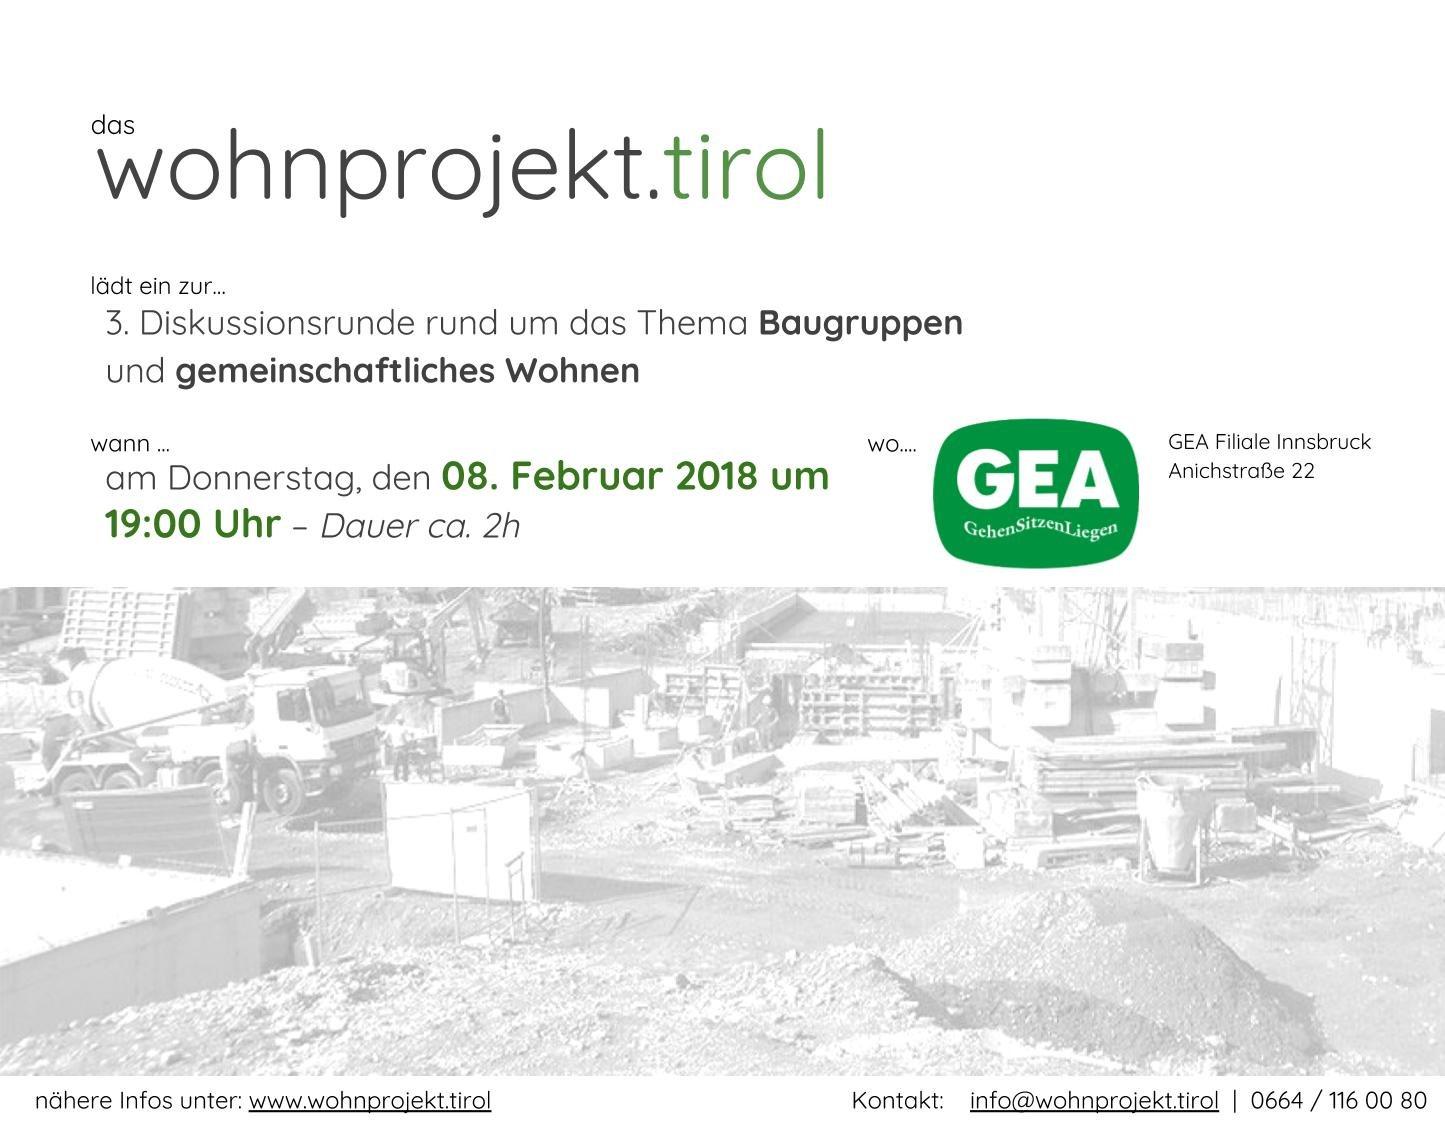 WPT_2018-02-08_GEA_2_Einladung_Flyer